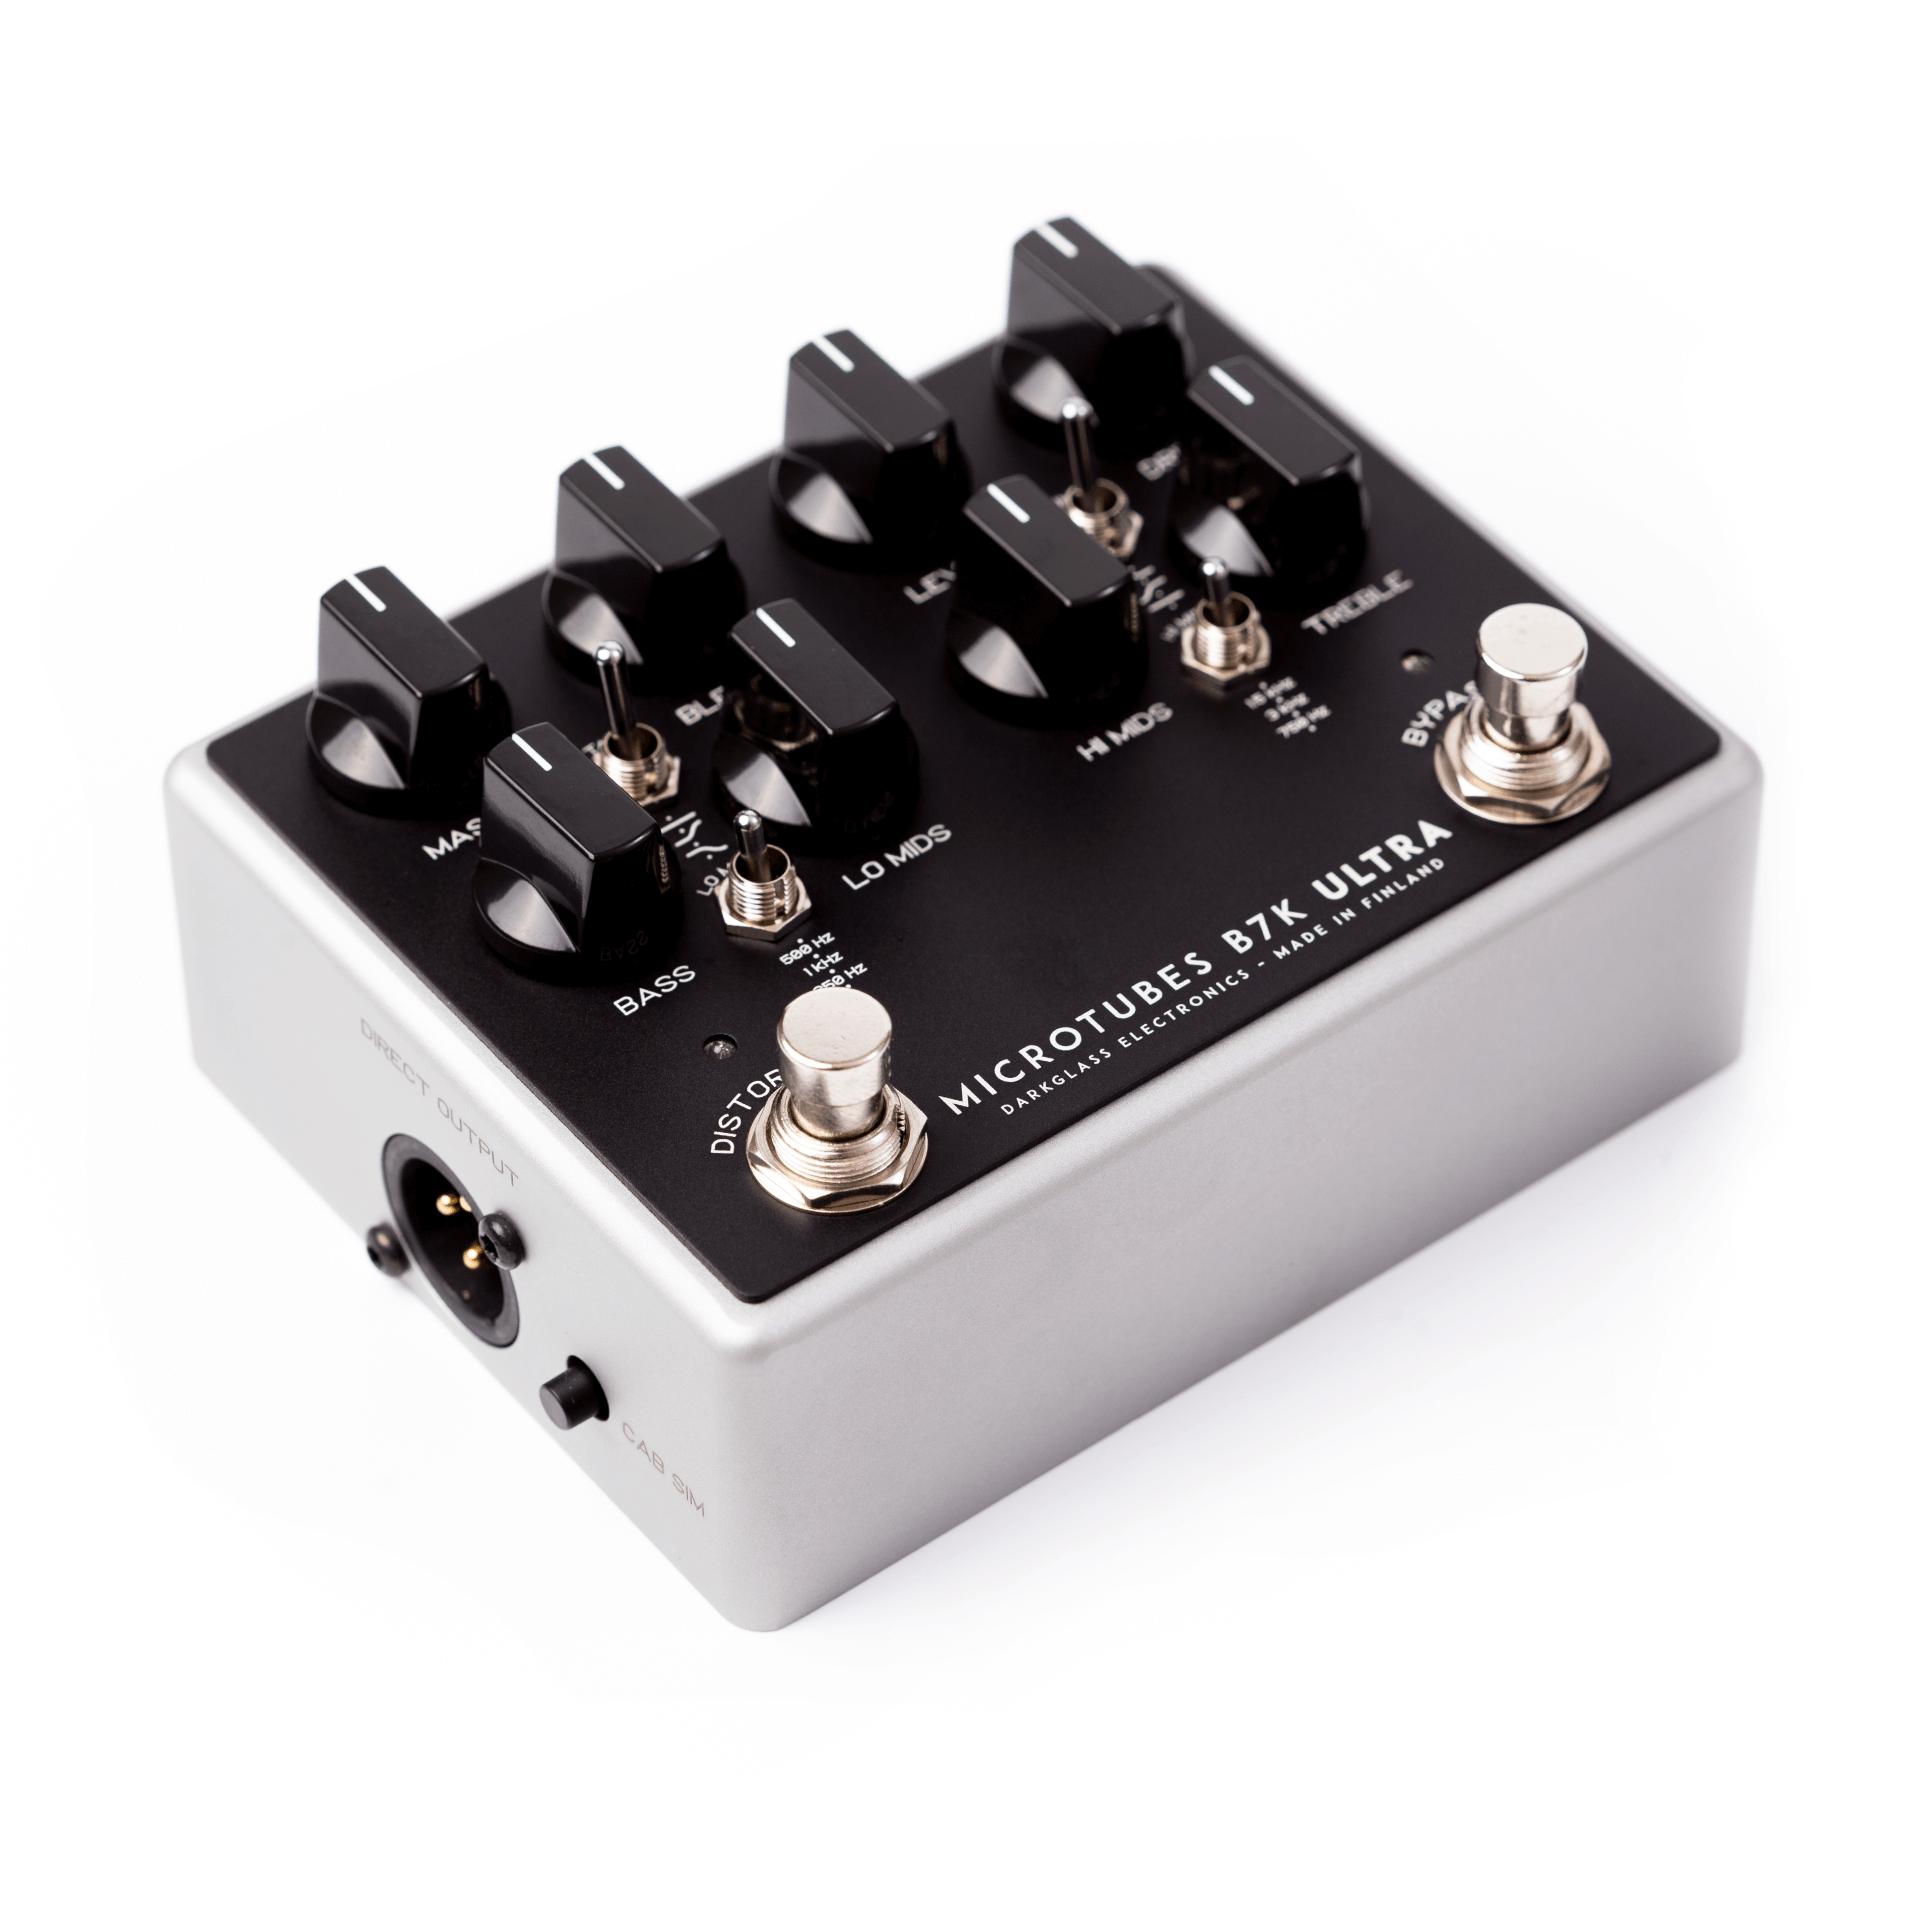 Darkglass B7K Ultra V2 Bass Preamp Pedal (Aux In)